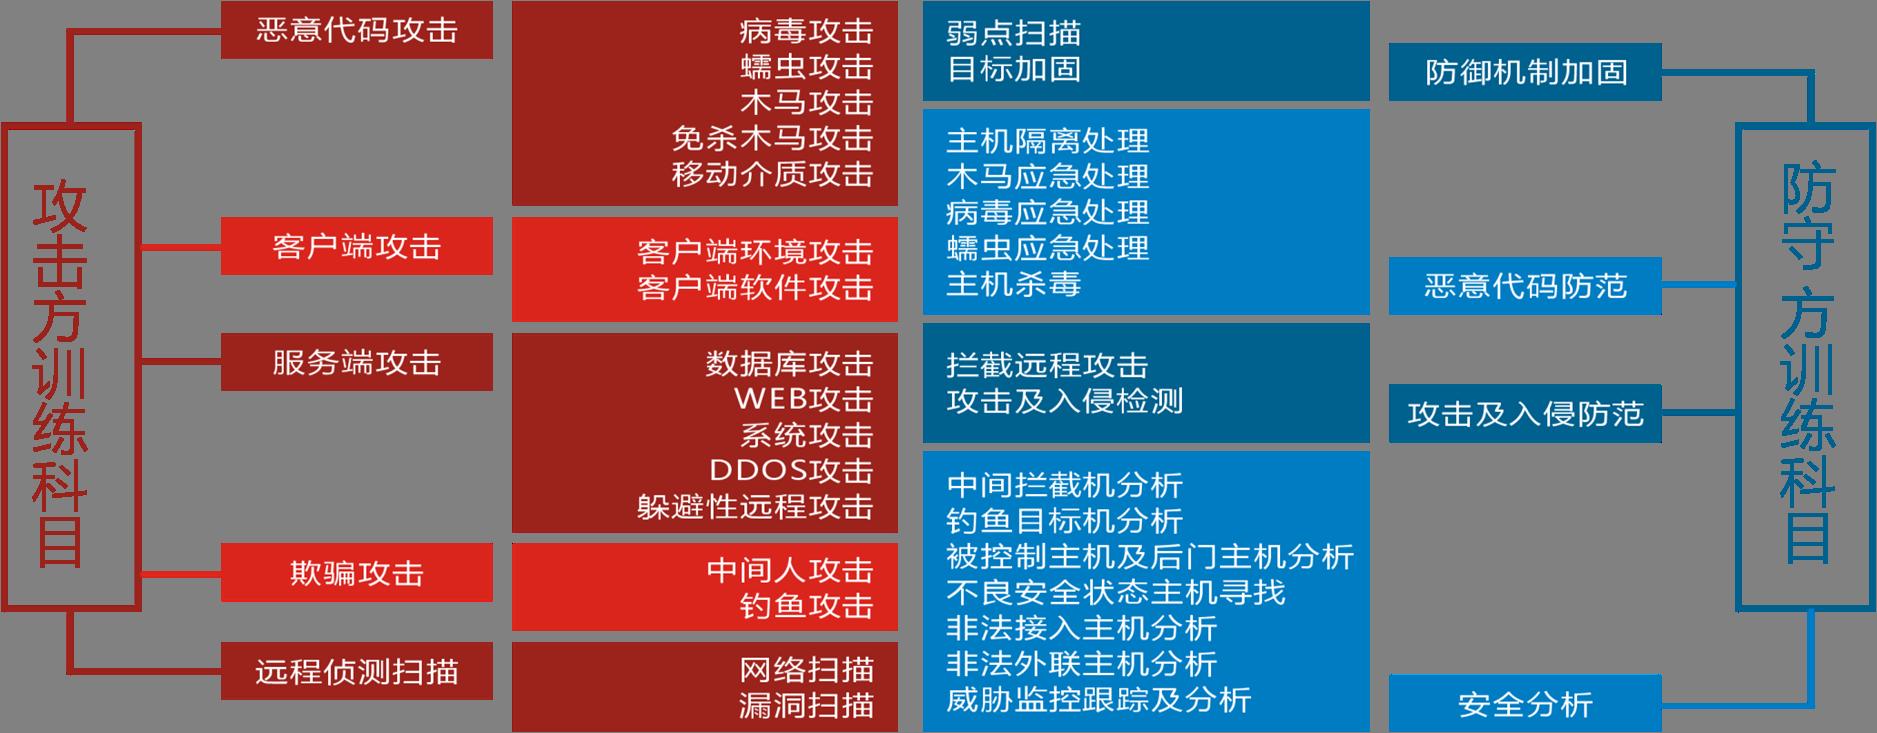 训练系统1.png